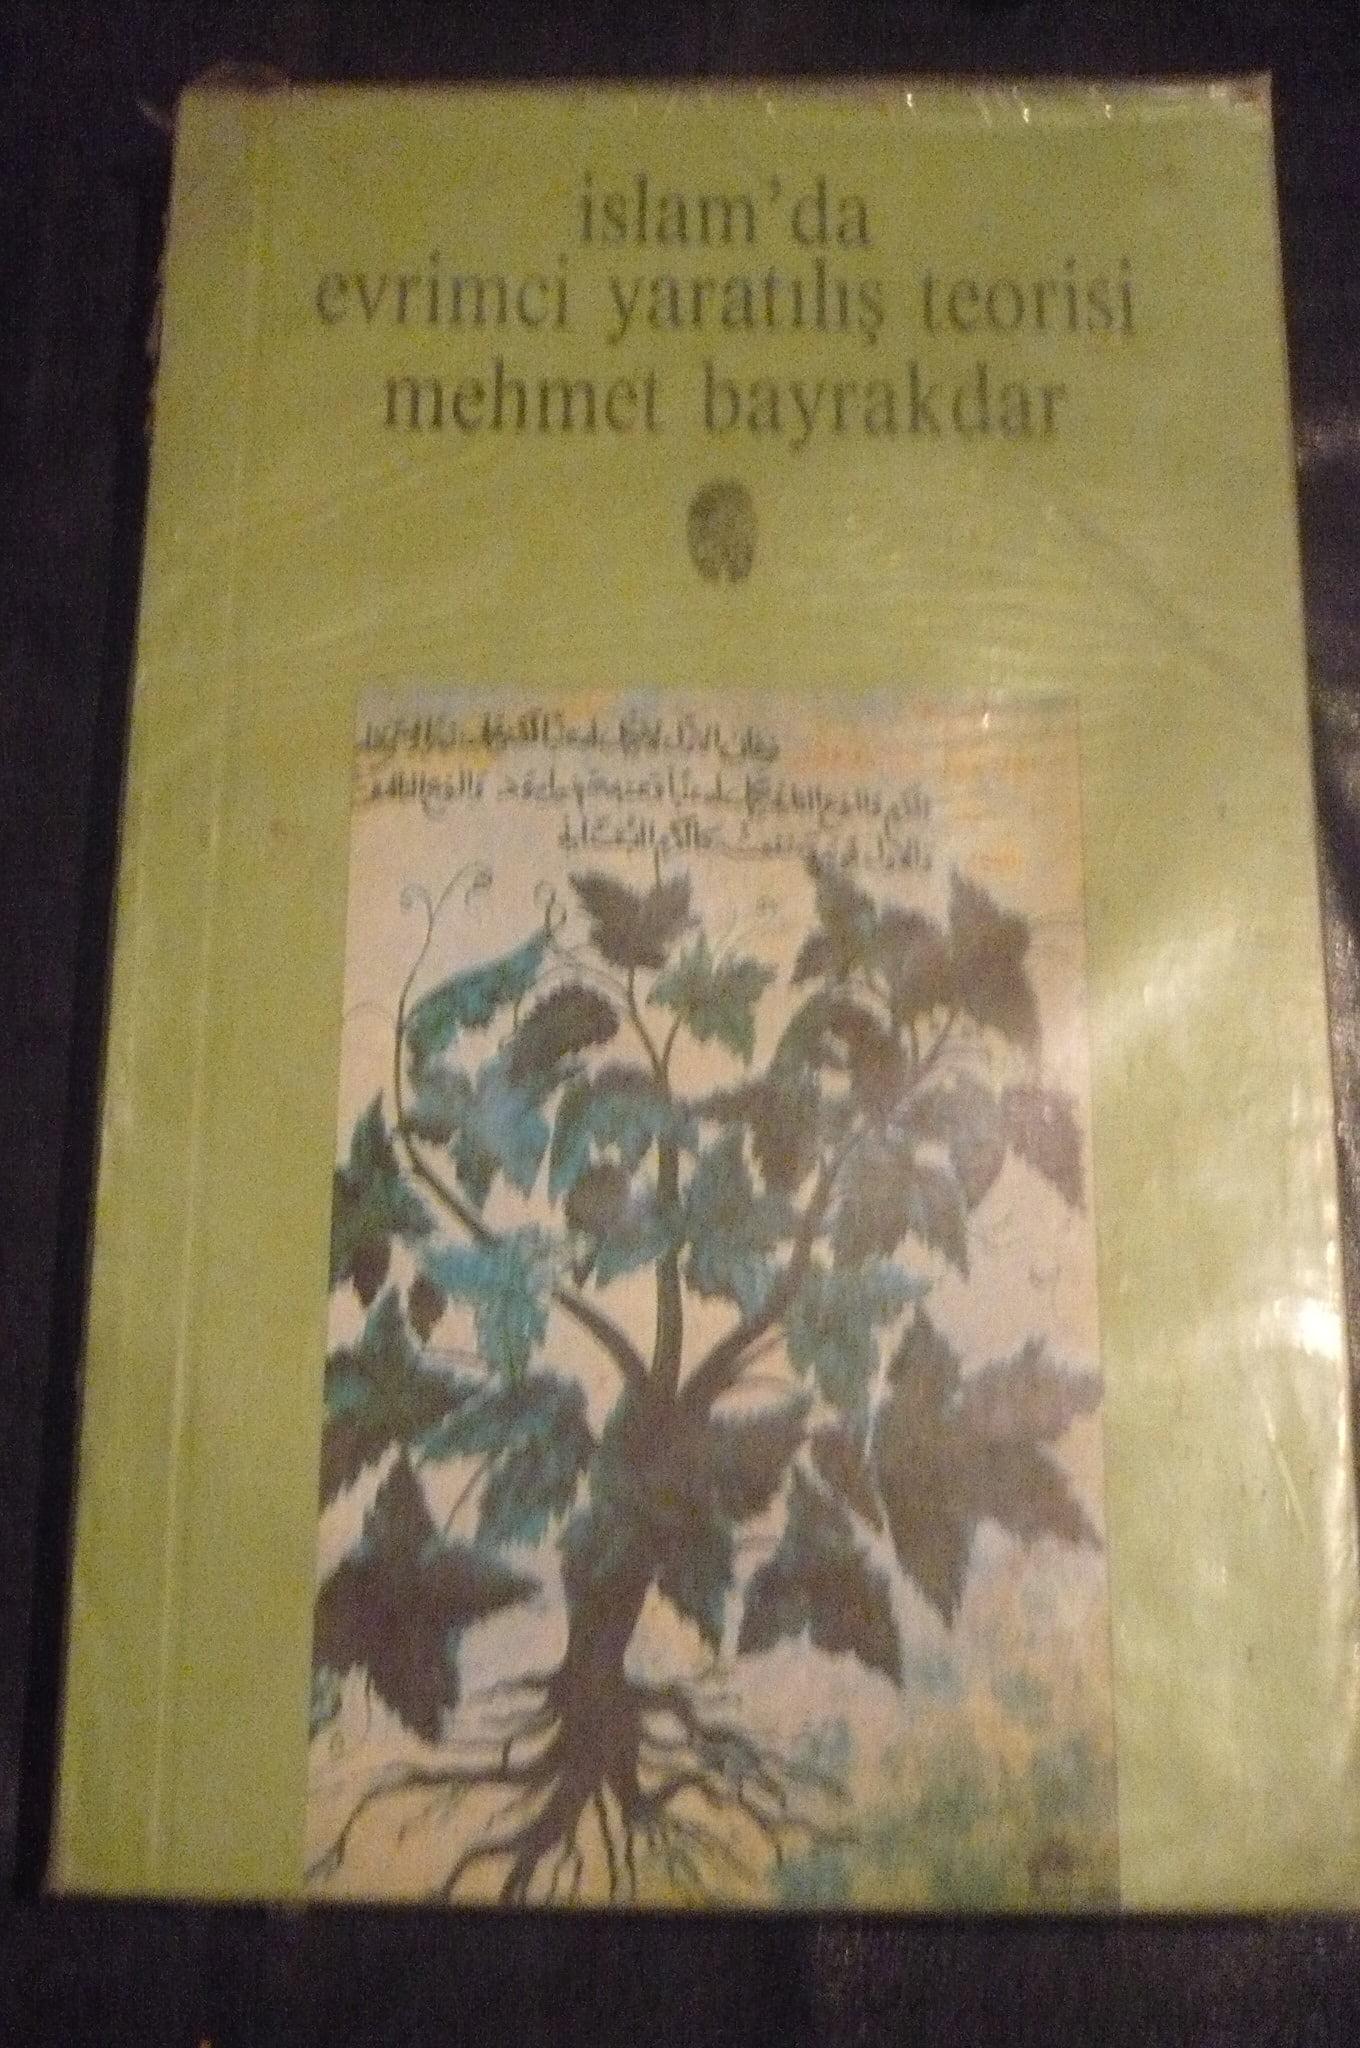 İSLAMDA EVRİMCİ YARATILIŞ TEORİSİ/Mehmet Bayraktar/10 tl(satıldı)